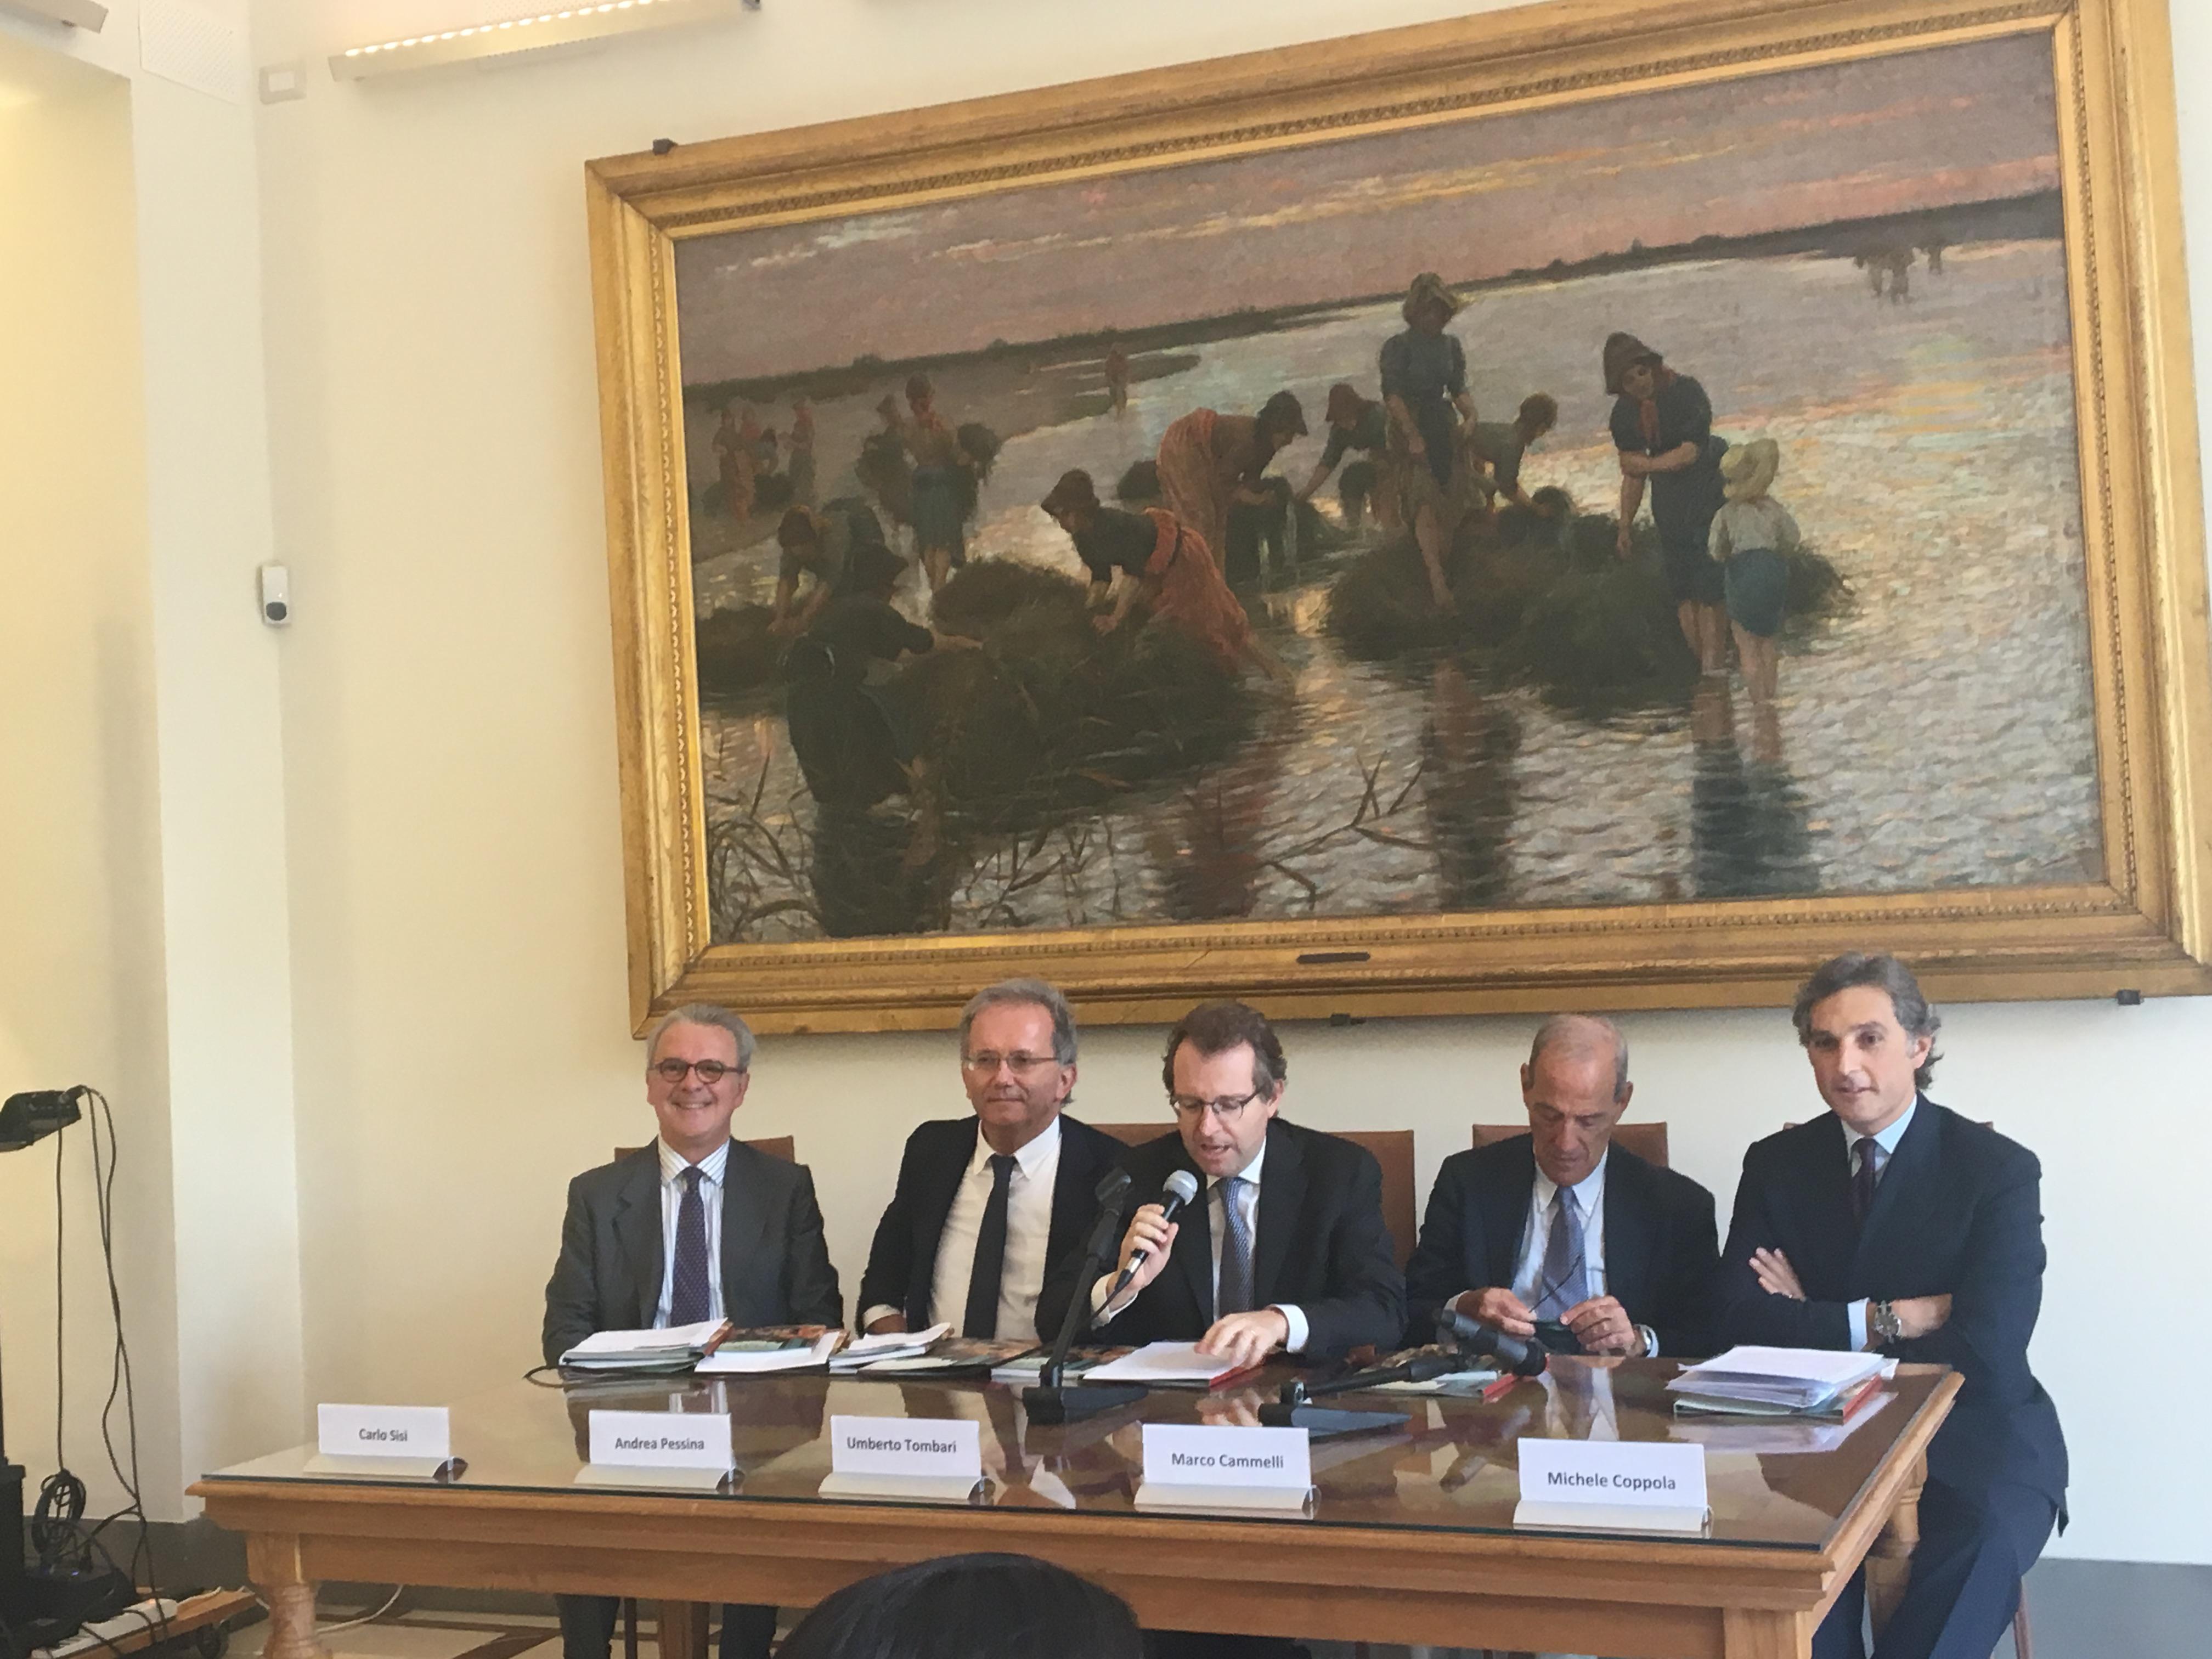 Conferenza stampa In Collezione - Ente Cassa di Risparmio di Firenze